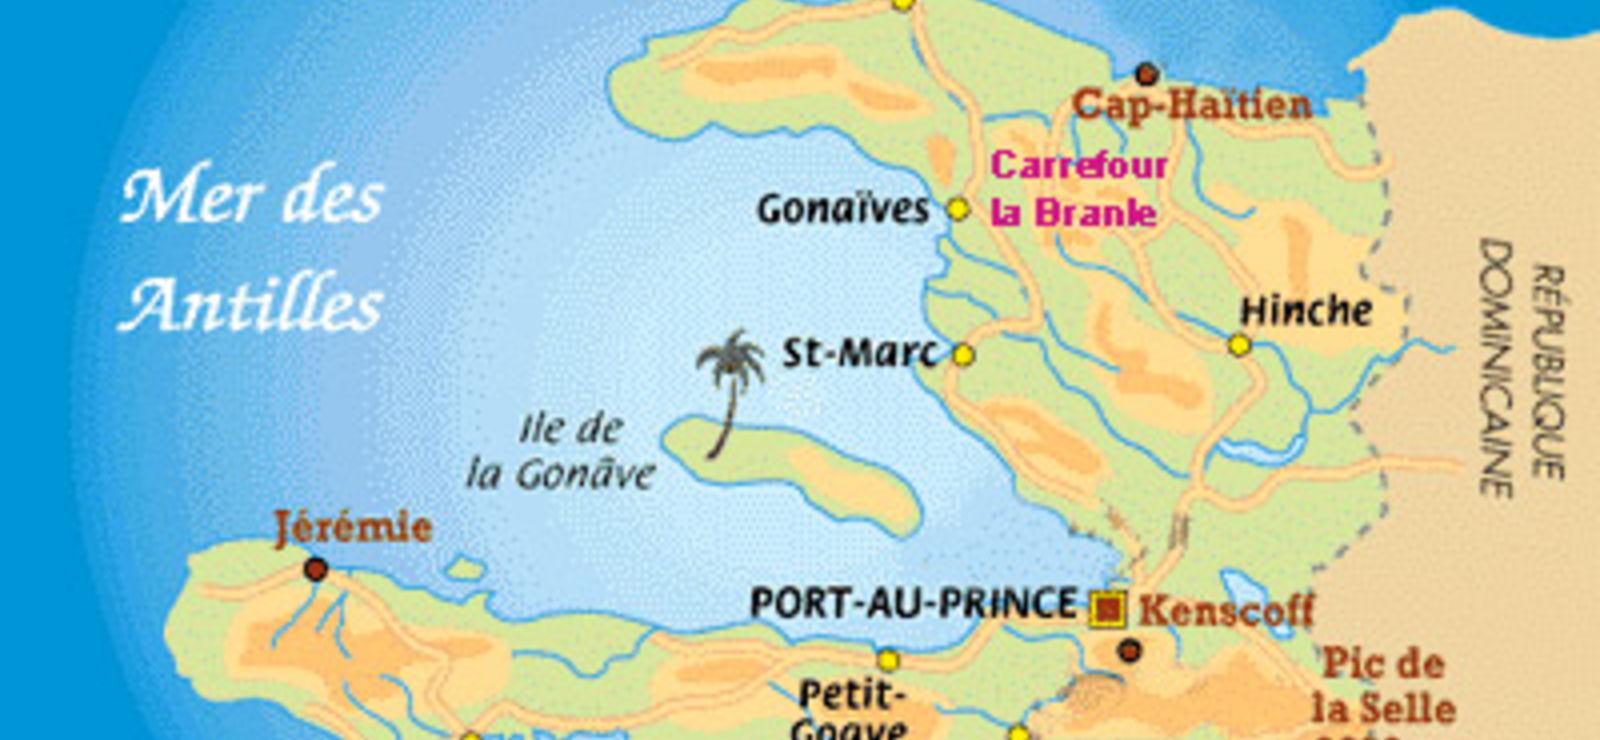 Haïti: entre 150 000 et 200 000 morts pour un tremblement de terre qui touche un pays socialement, écologiquement sinistré depuis des années. Reportage, rappel statistique et historique